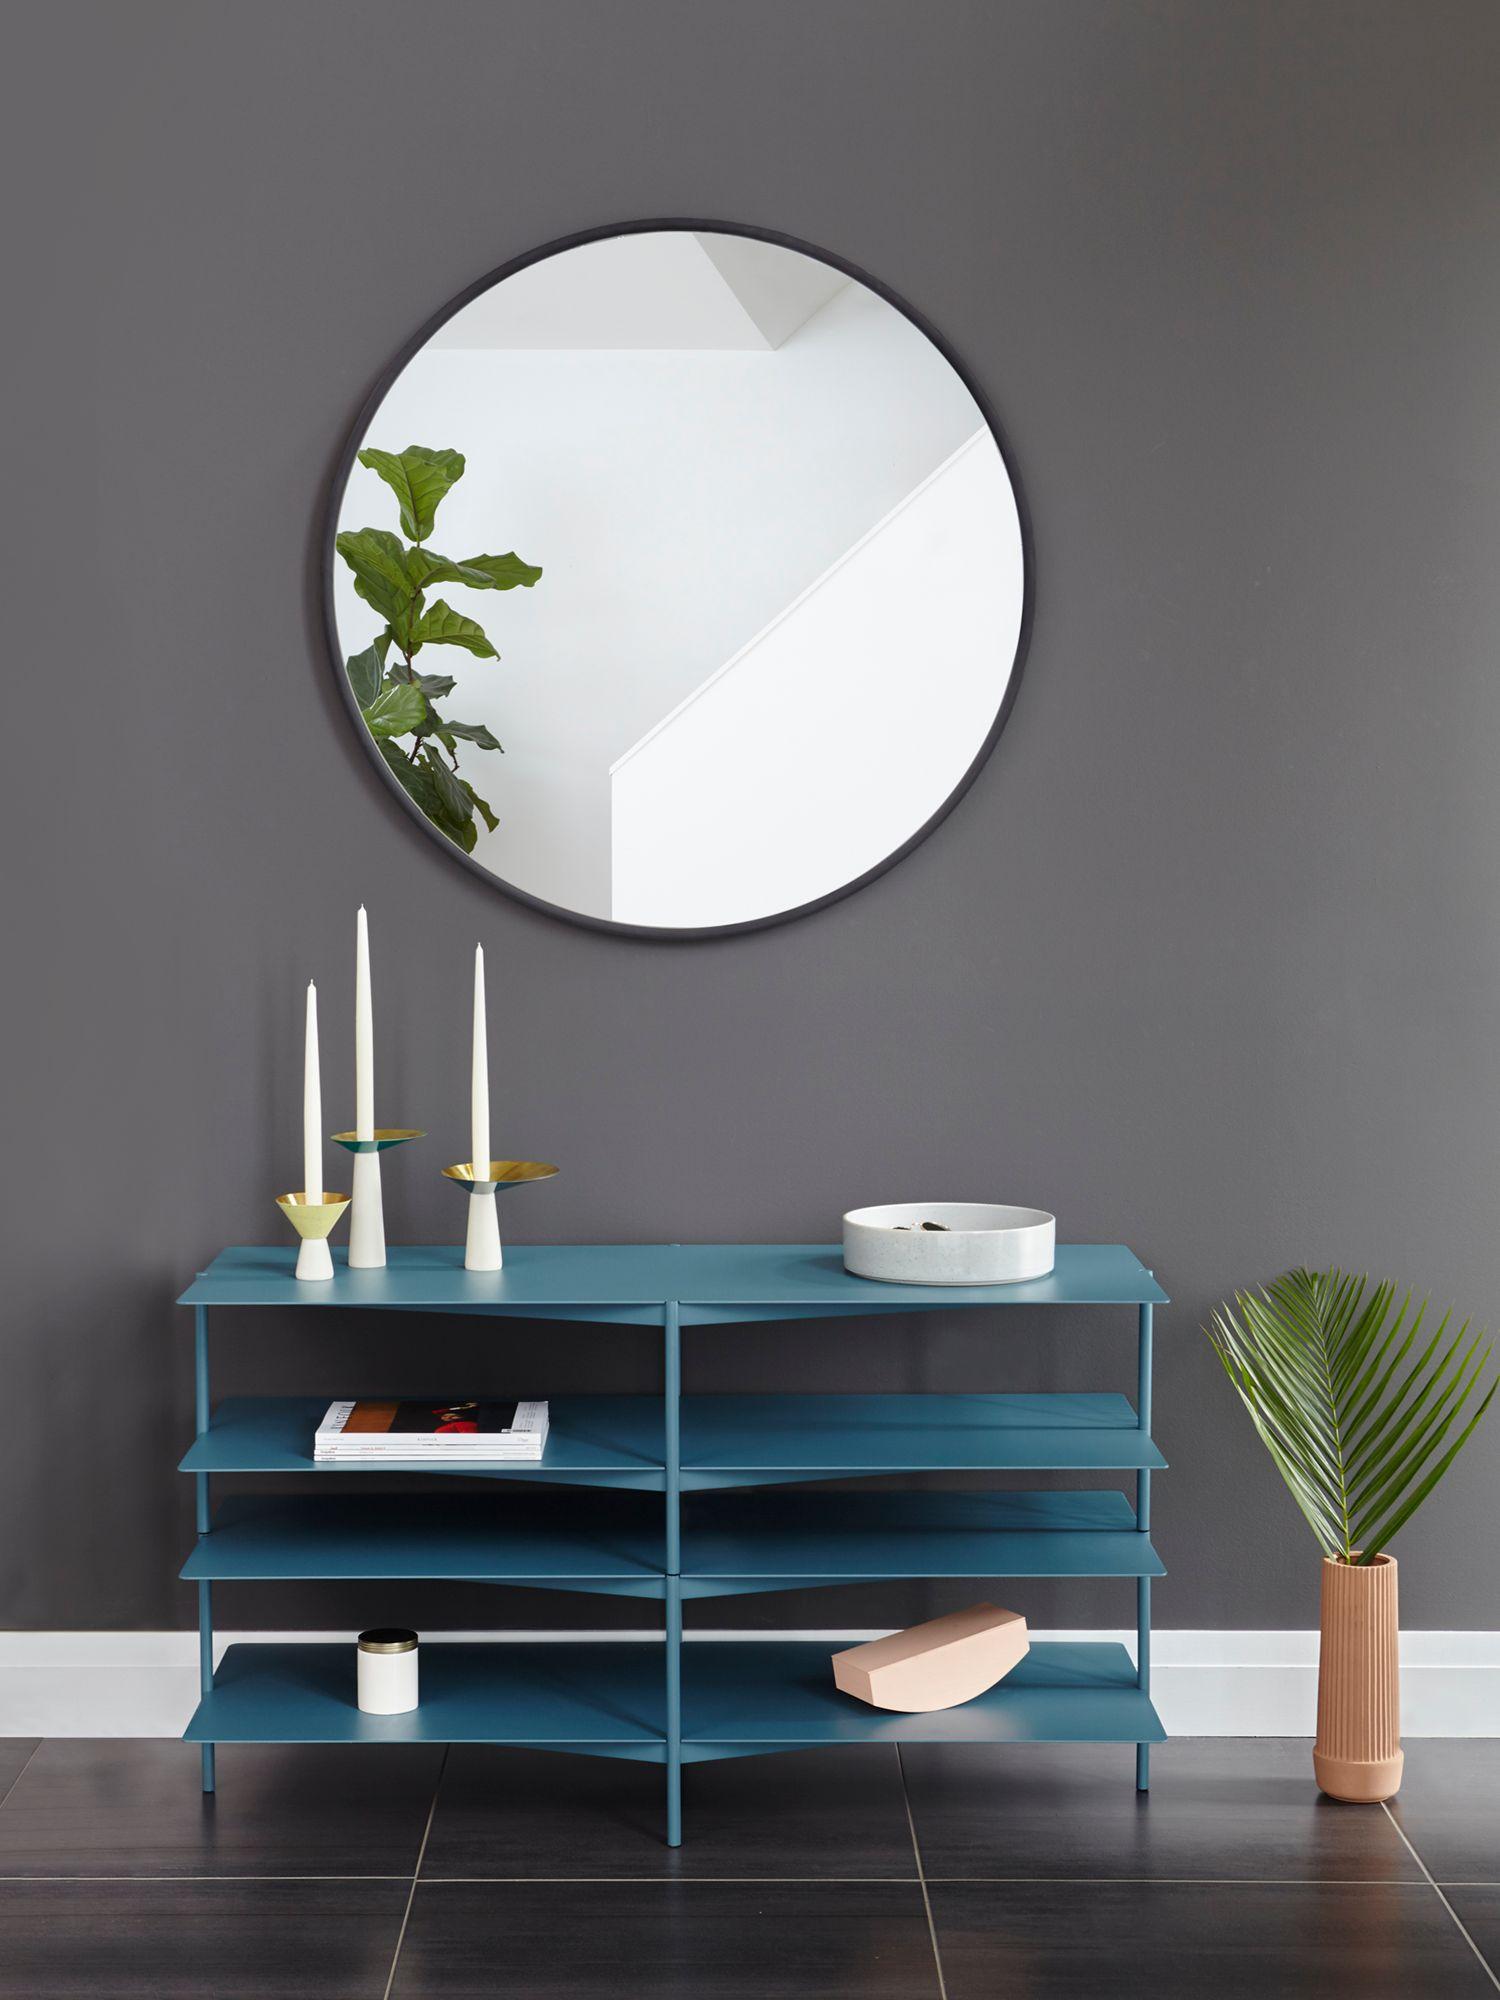 Umbra Umbra Hub Round Mirror, Dia.94cm, Black